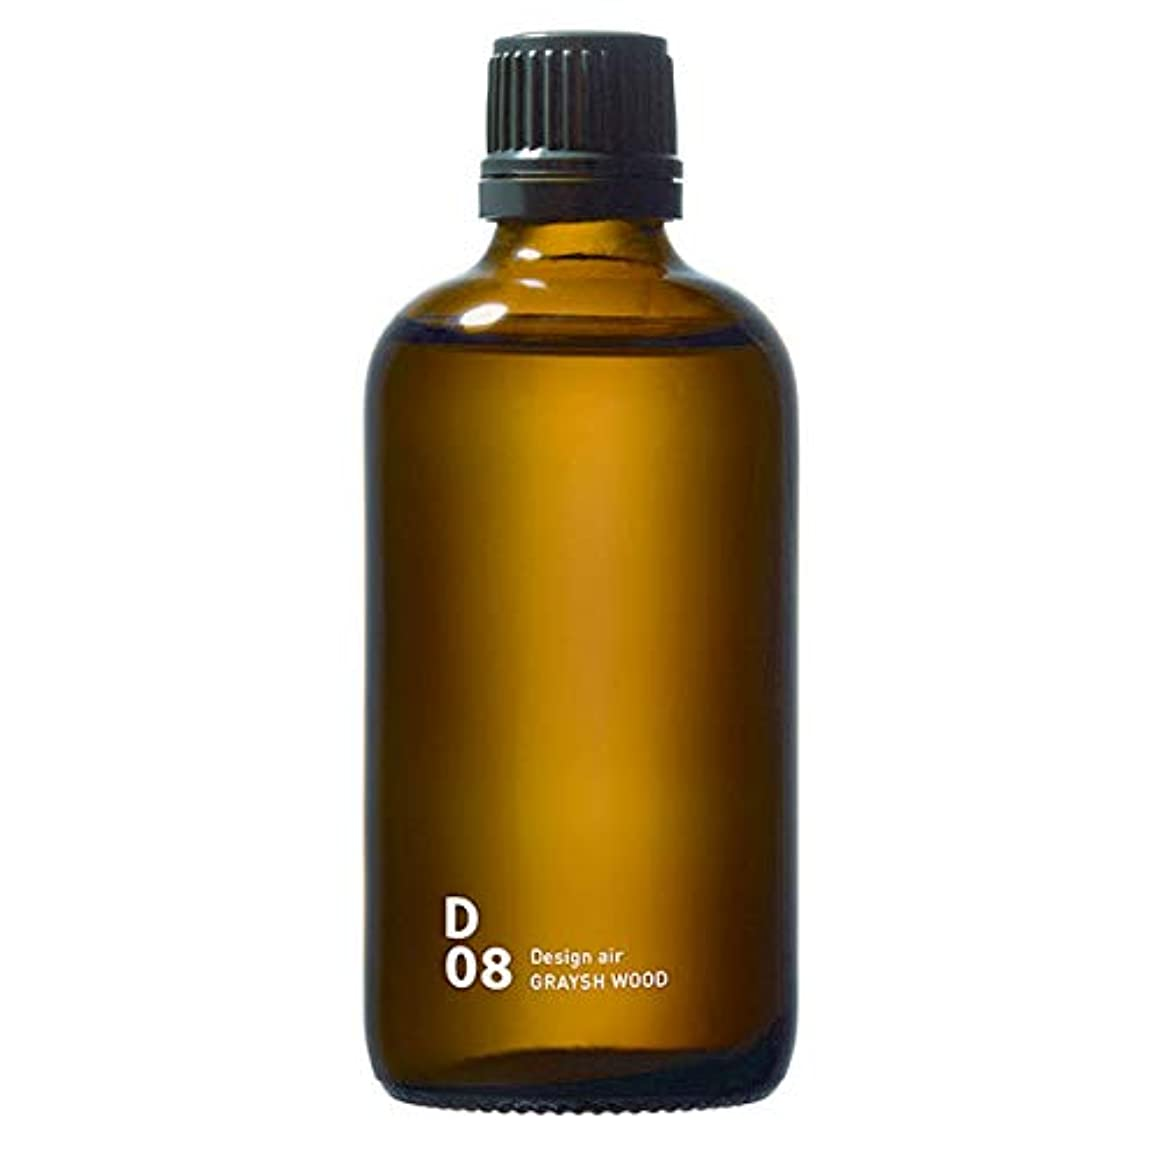 霧深い逆に元気D08 GRAYISH WOOD piezo aroma oil 100ml